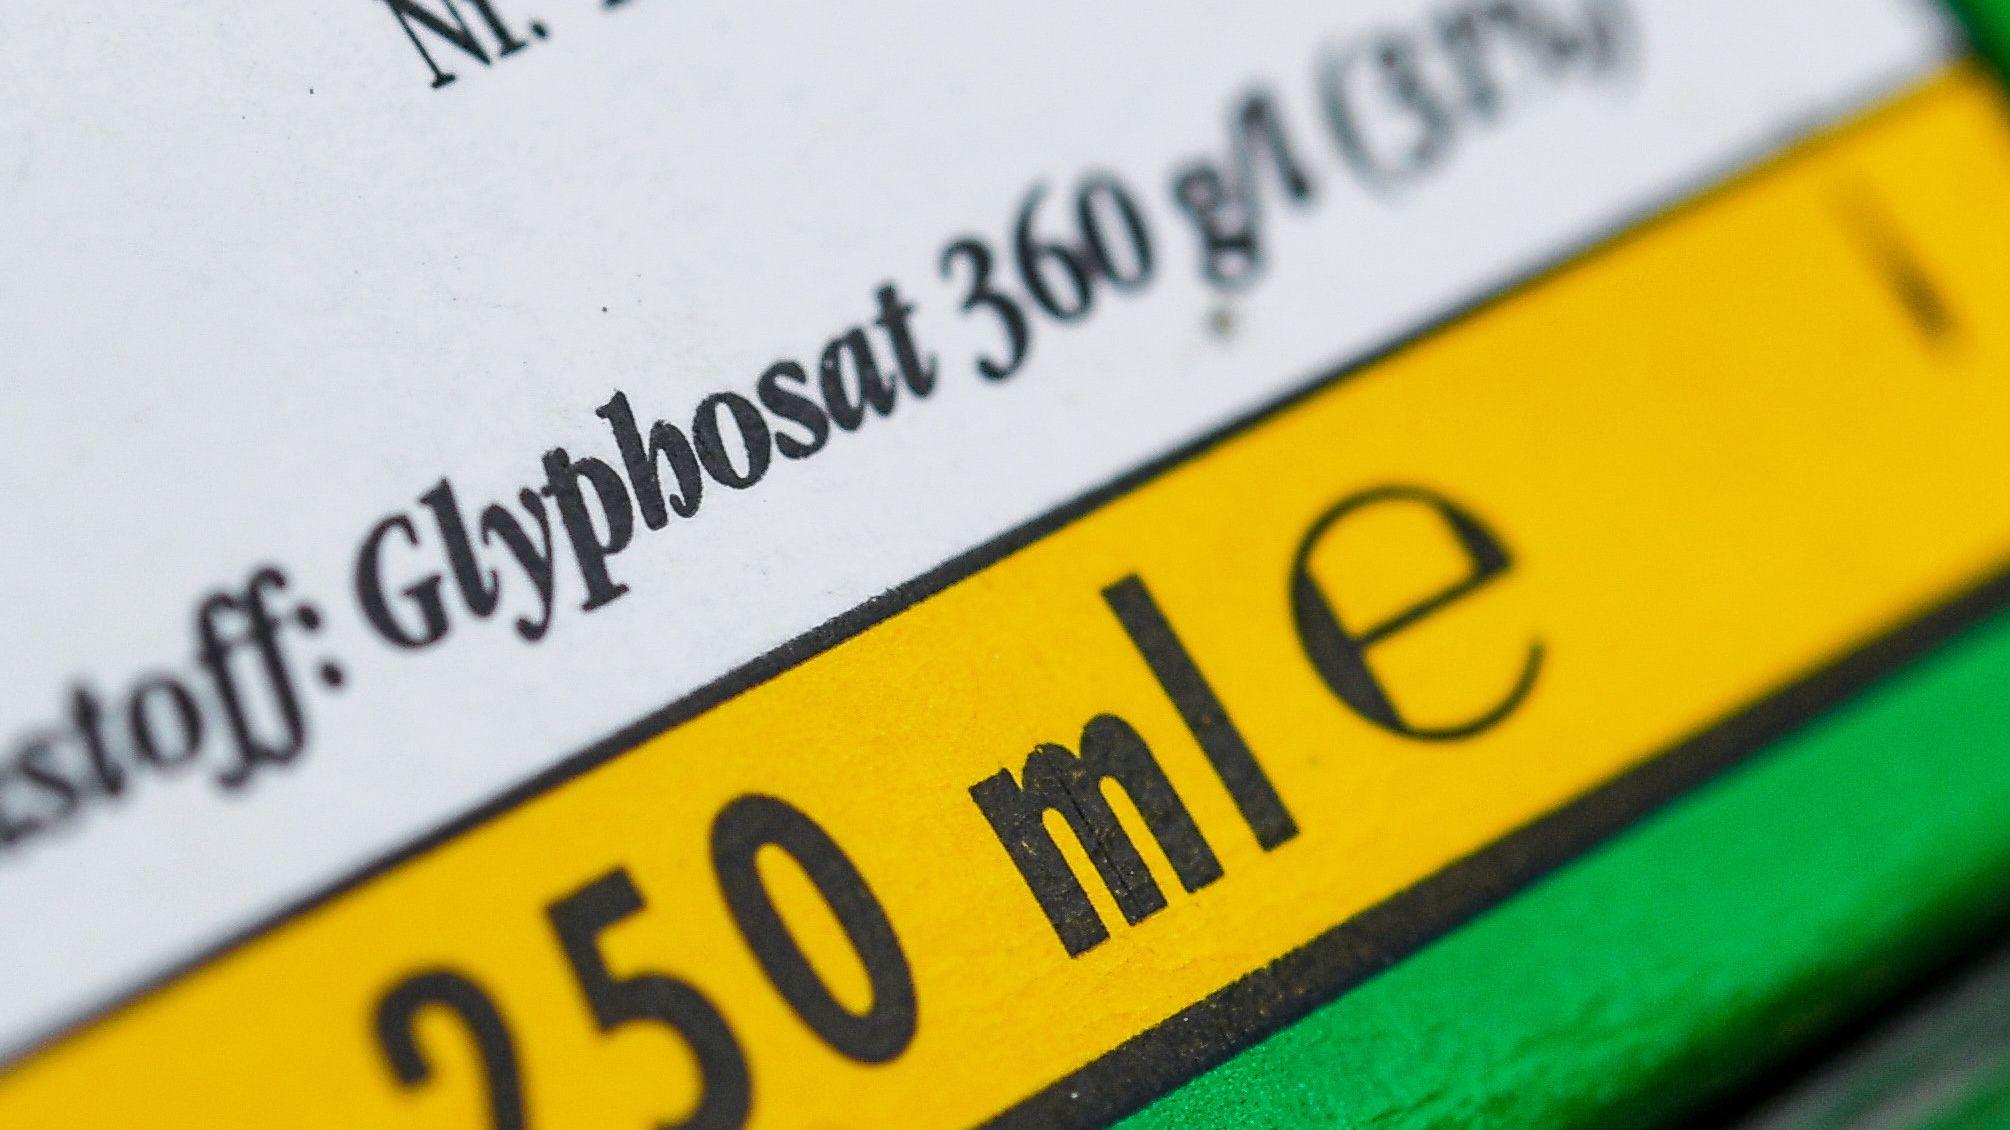 Die Verpackung eines Unkrautvernichtungsmittels, das den Wirkstoff Glyphosat enthält